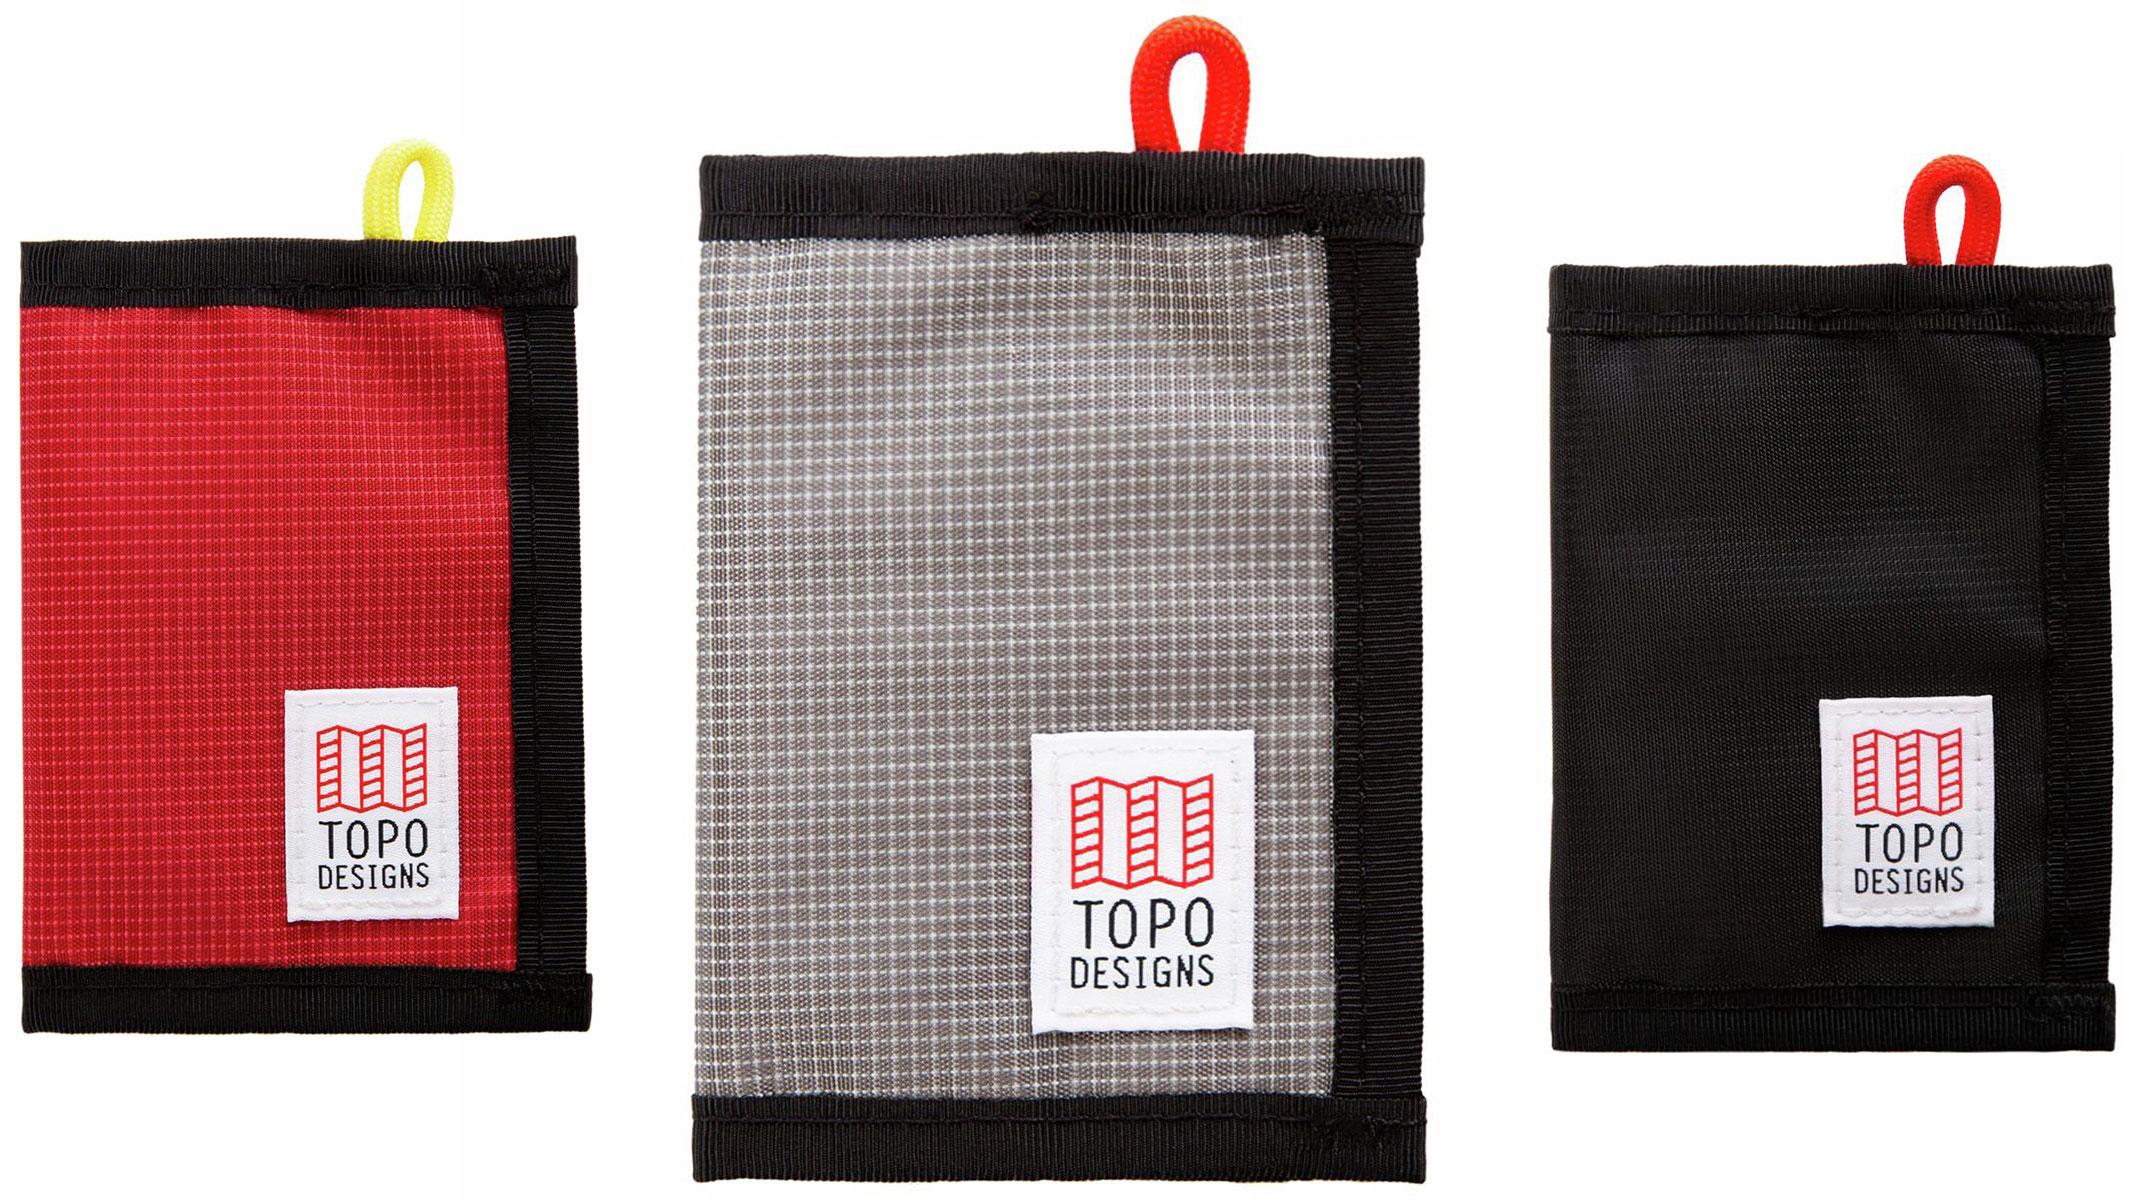 Topo Designs bi-fold wallet